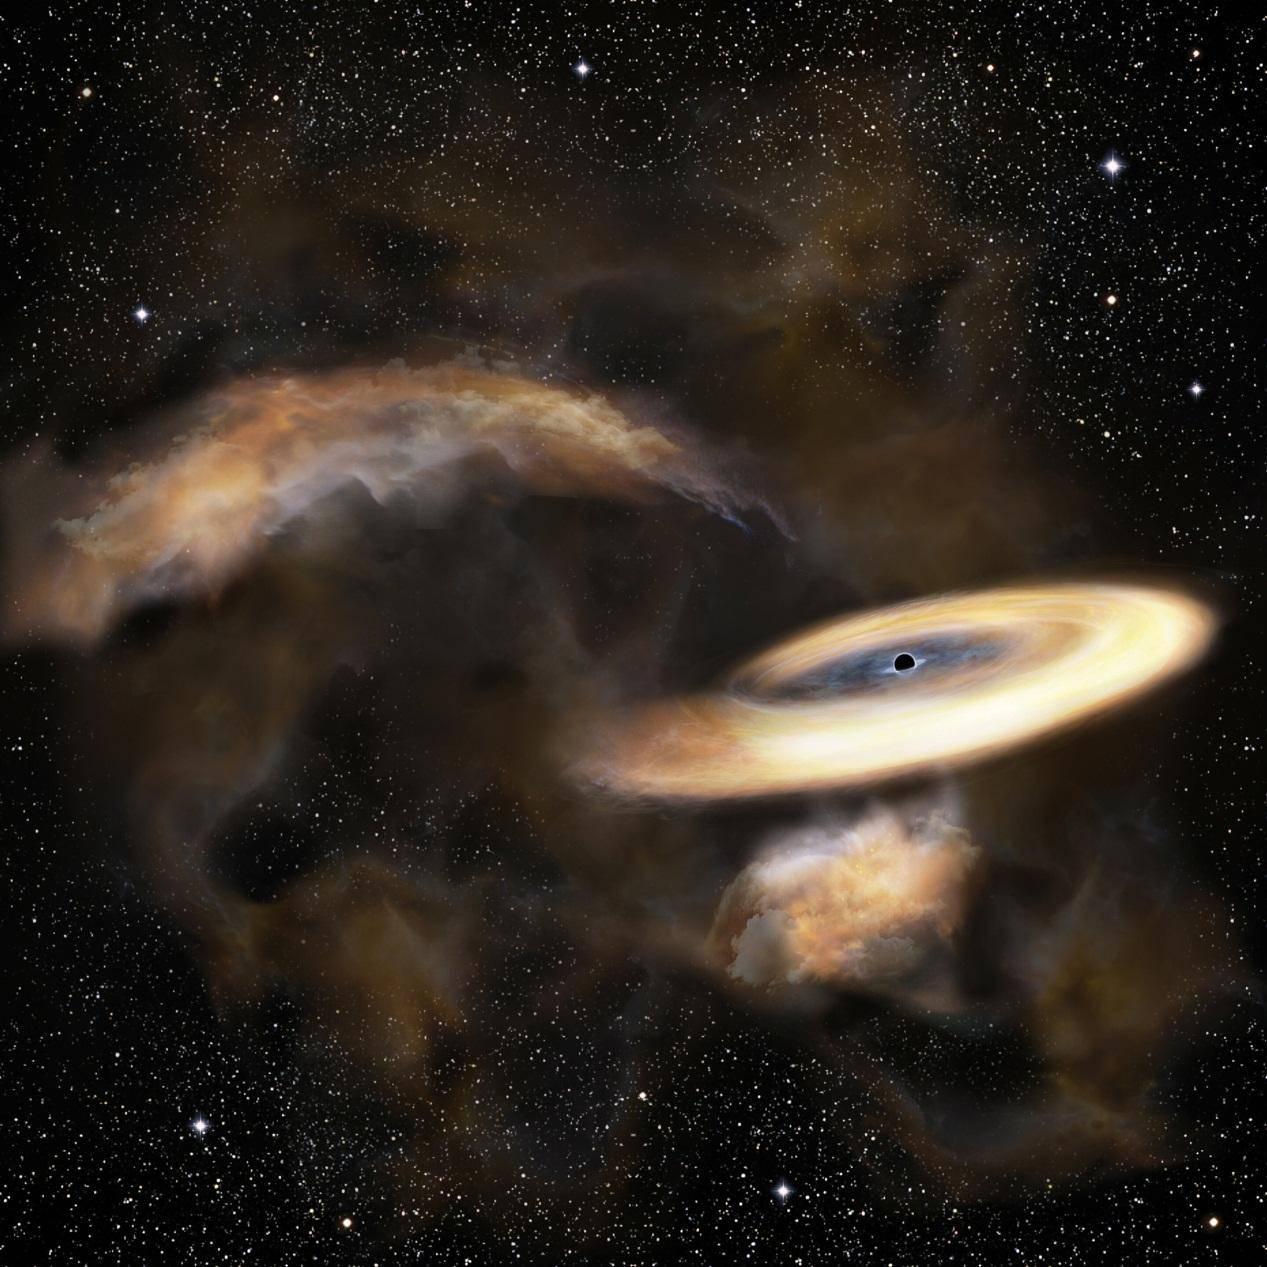 黑洞有什么奥秘?五个回答带你深入了解黑洞